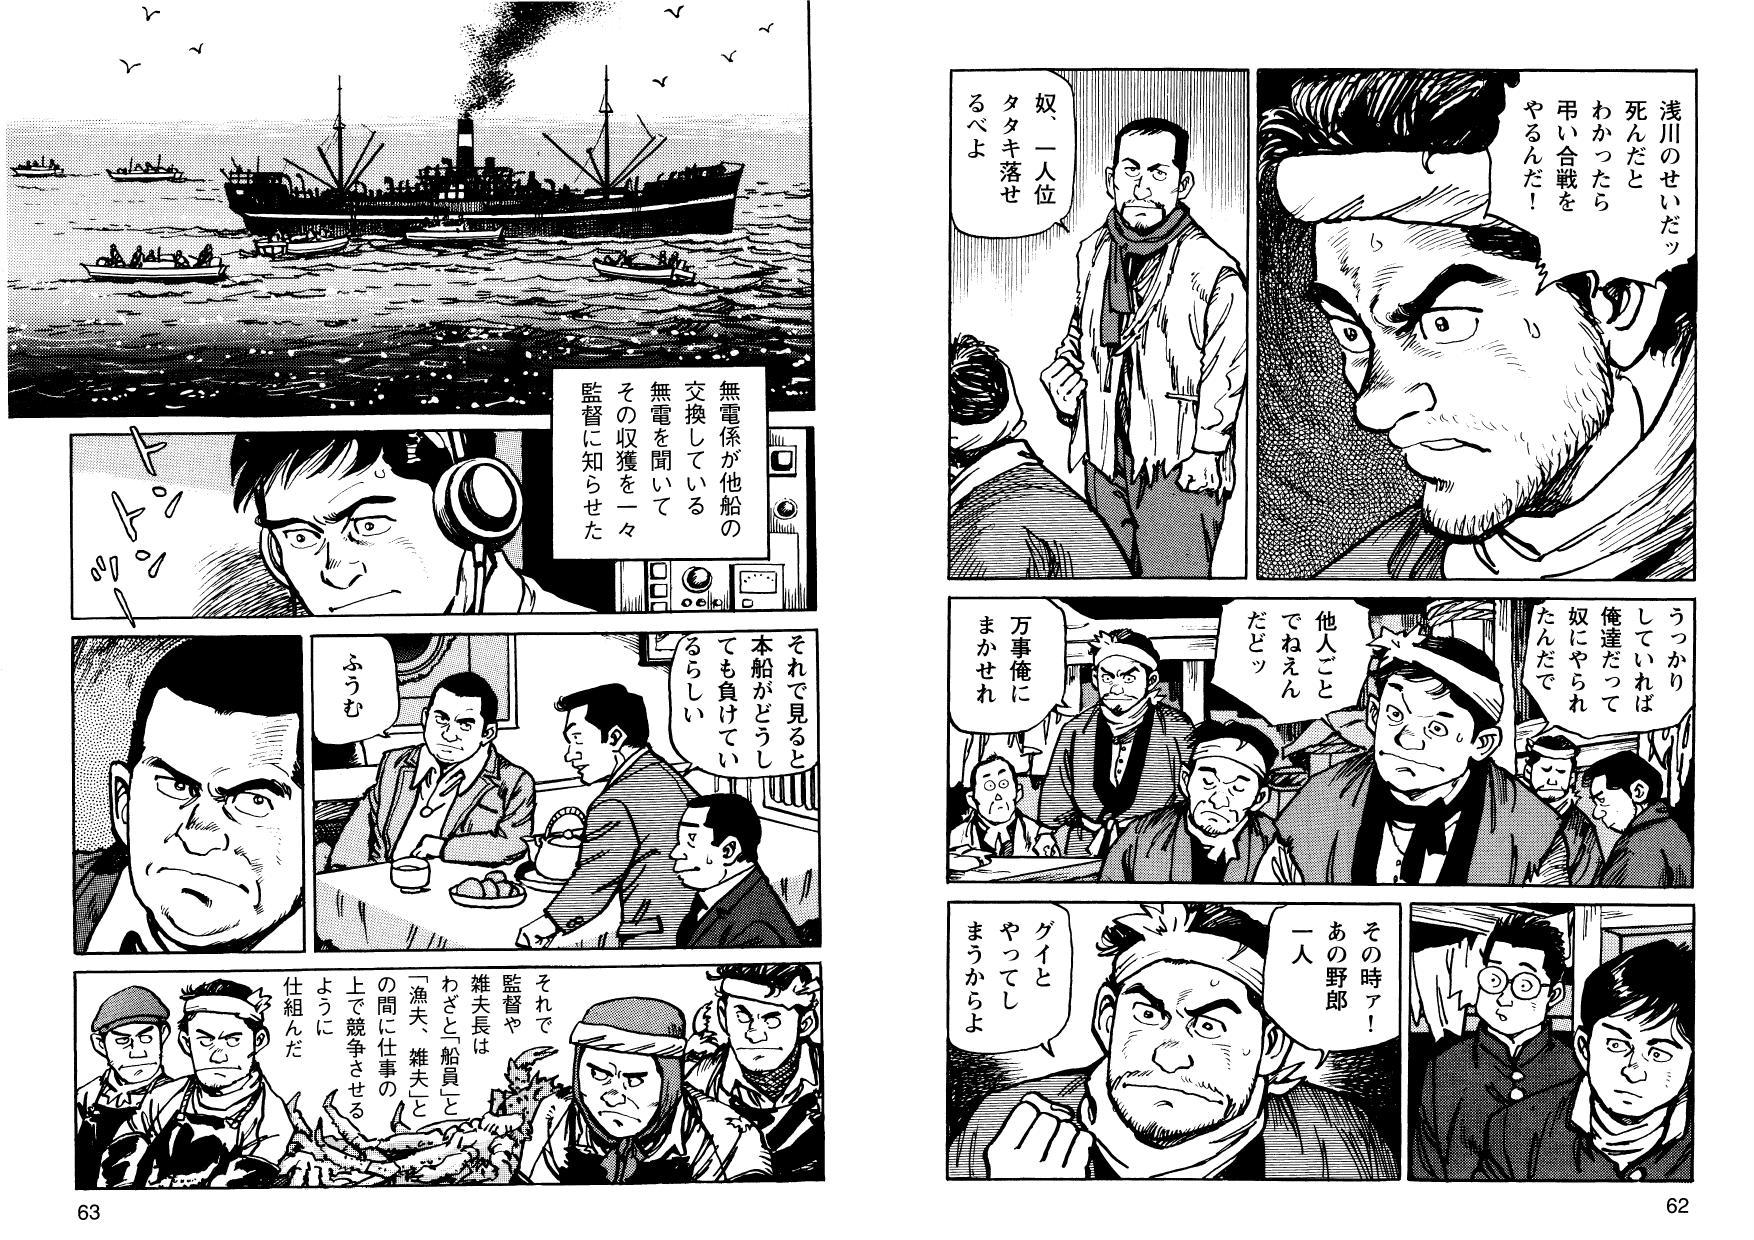 kani_cmc_000032.jpg